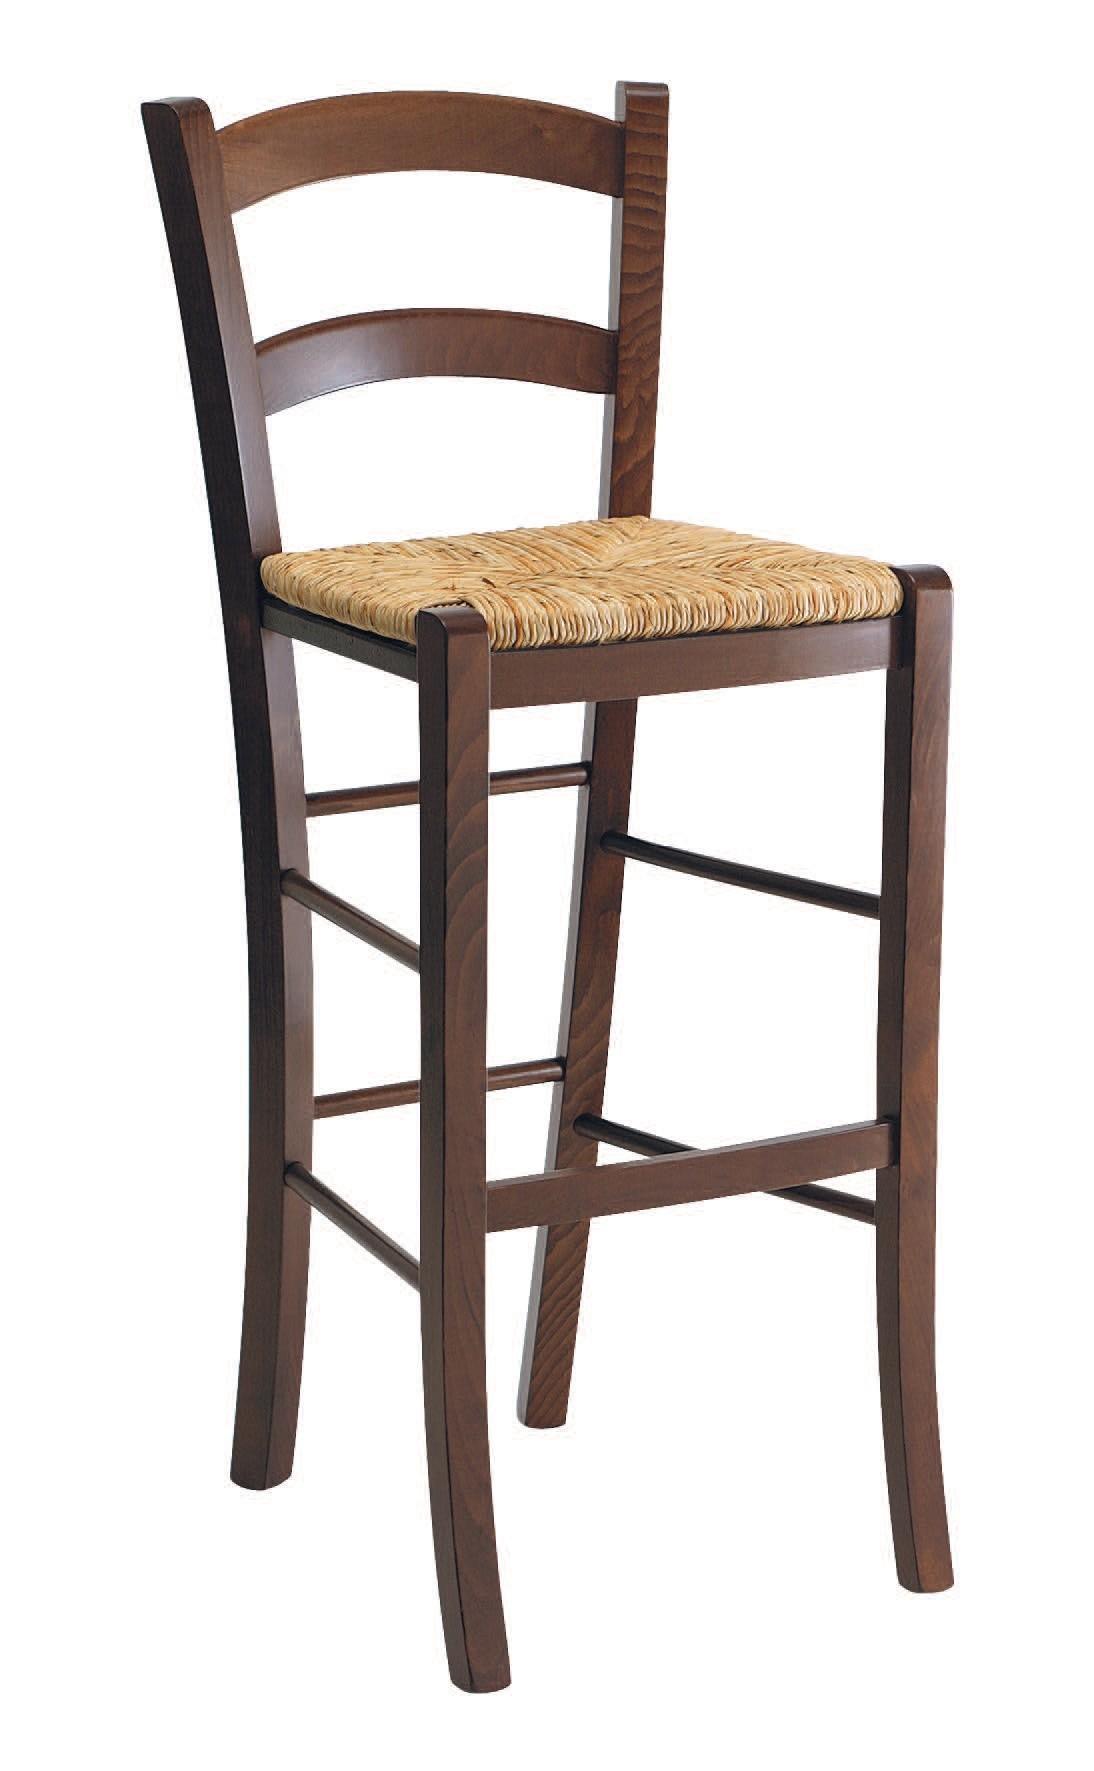 SG 119, Heces rústico en madera con asiento de paja, para bares